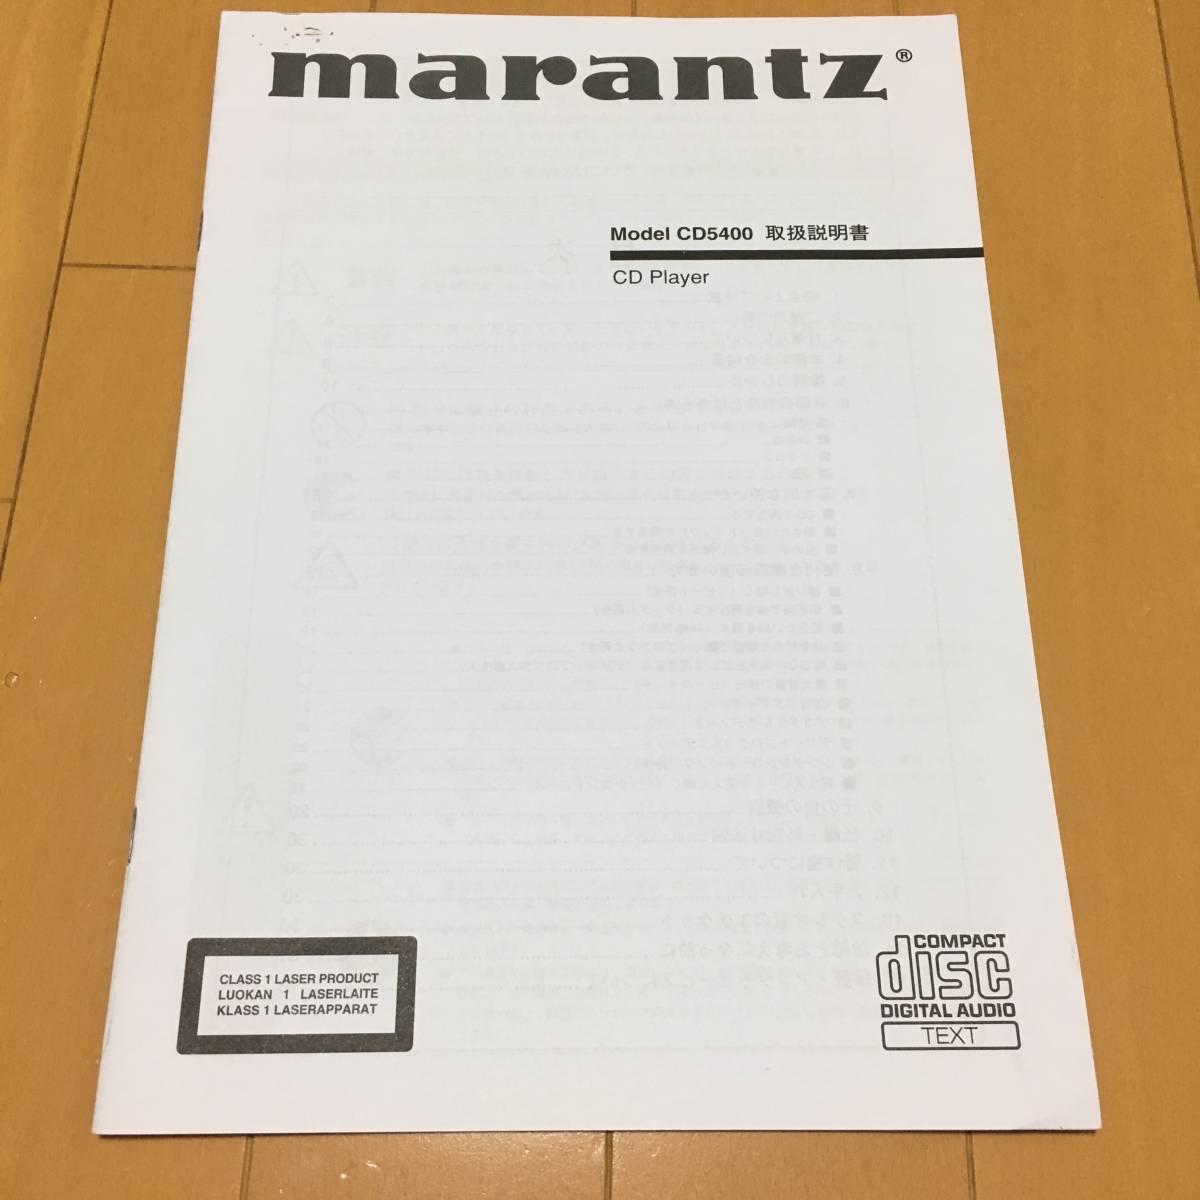 マランツ marantz CD5400 CDプレーヤー CDデッキ_画像7